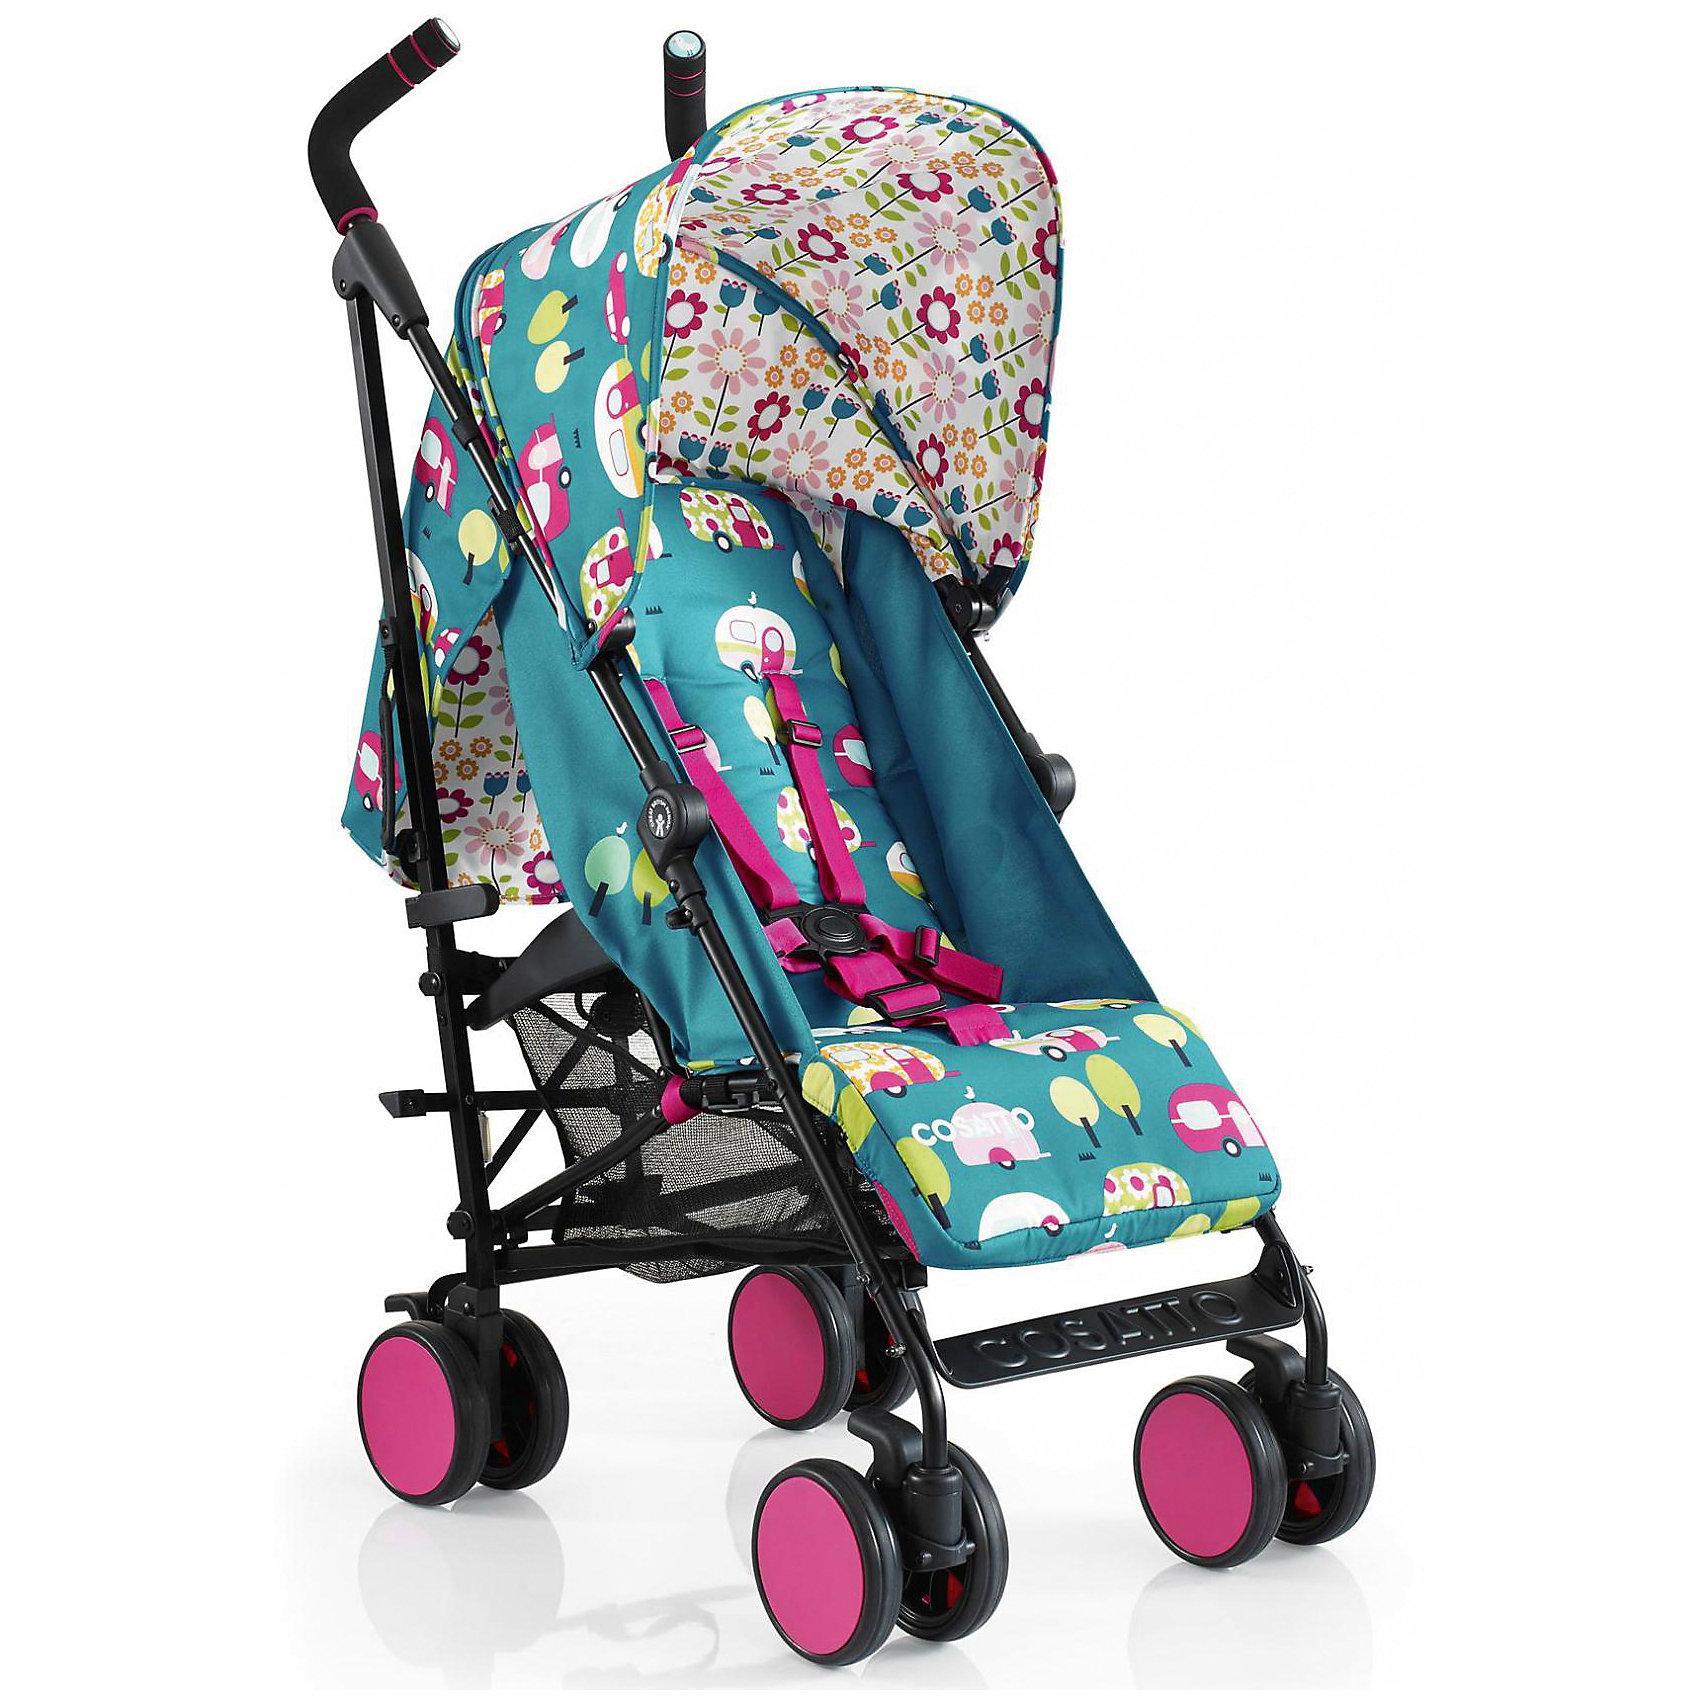 Коляска-трость Cosatto Supa Go, Happy CampersКоляски-трости<br>Стильная коляска станет для родителей не только незаменимой вещью, но и стильным аксессуаром. Функциональность, дизайн и маневренность – все это – новая модель от Cosatto. Все материалы, использованные при изготовлении, безопасны и отвечают требованиям по качеству продукции.<br><br>Дополнительные характеристики: <br><br>возраст: 6 месяцев – 3 года;<br>регулируемый капюшон;<br>механизм складывания: трость;<br>регулировка спинки;<br>ножной тормоз;<br>пятиточечные ремни безопасности;<br>габариты: 78 х 48,5 х 110 см;<br>материал шасси: алюминий;<br>комплектация: дождевик<br><br>ВНИМАНИЕ!!! В комплектацию коляски не входит бампер, его можно купить отдельно.<br><br>Коляску-трость SUPA Go от компании Cosatto можно приобрести в нашем магазине.<br><br>Яркие и стильные расцветки коляски поднимут вам настроение. Регулируемый капюшон и спинка. Без бампера<br><br>Ширина мм: 1120<br>Глубина мм: 280<br>Высота мм: 280<br>Вес г: 12000<br>Возраст от месяцев: 6<br>Возраст до месяцев: 36<br>Пол: Унисекс<br>Возраст: Детский<br>SKU: 5448676